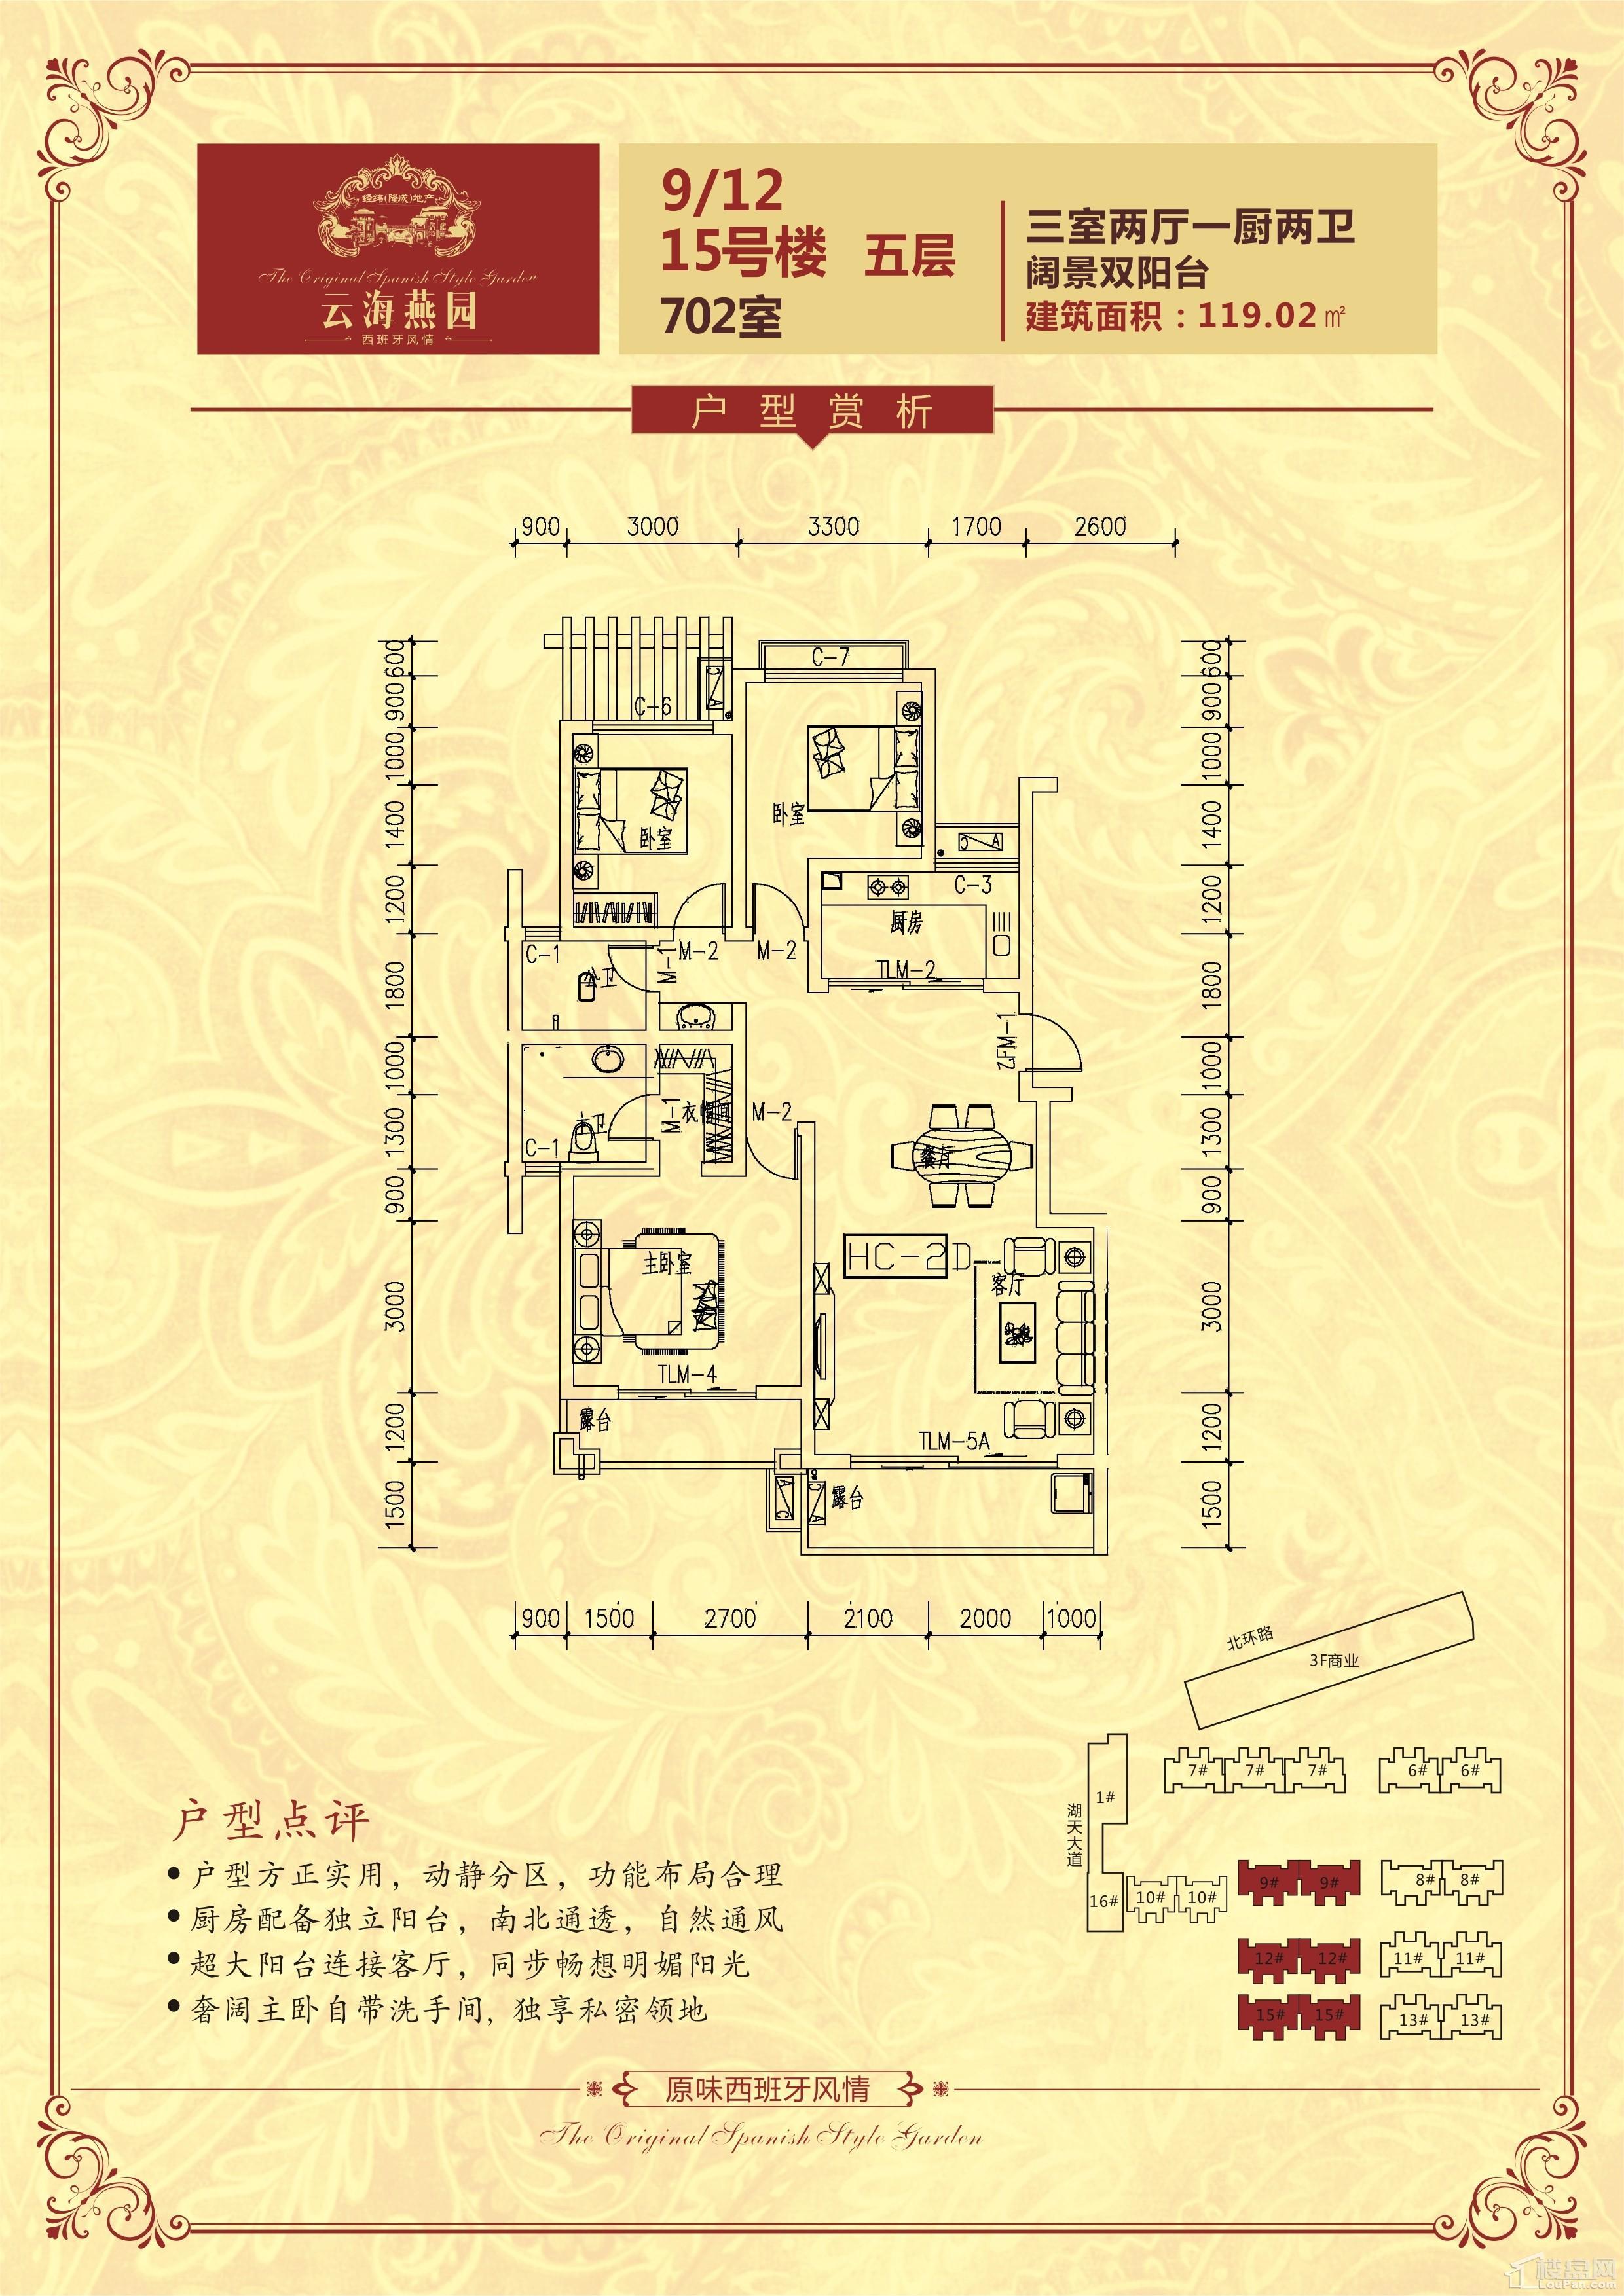 户型(9/12/15号楼)五层